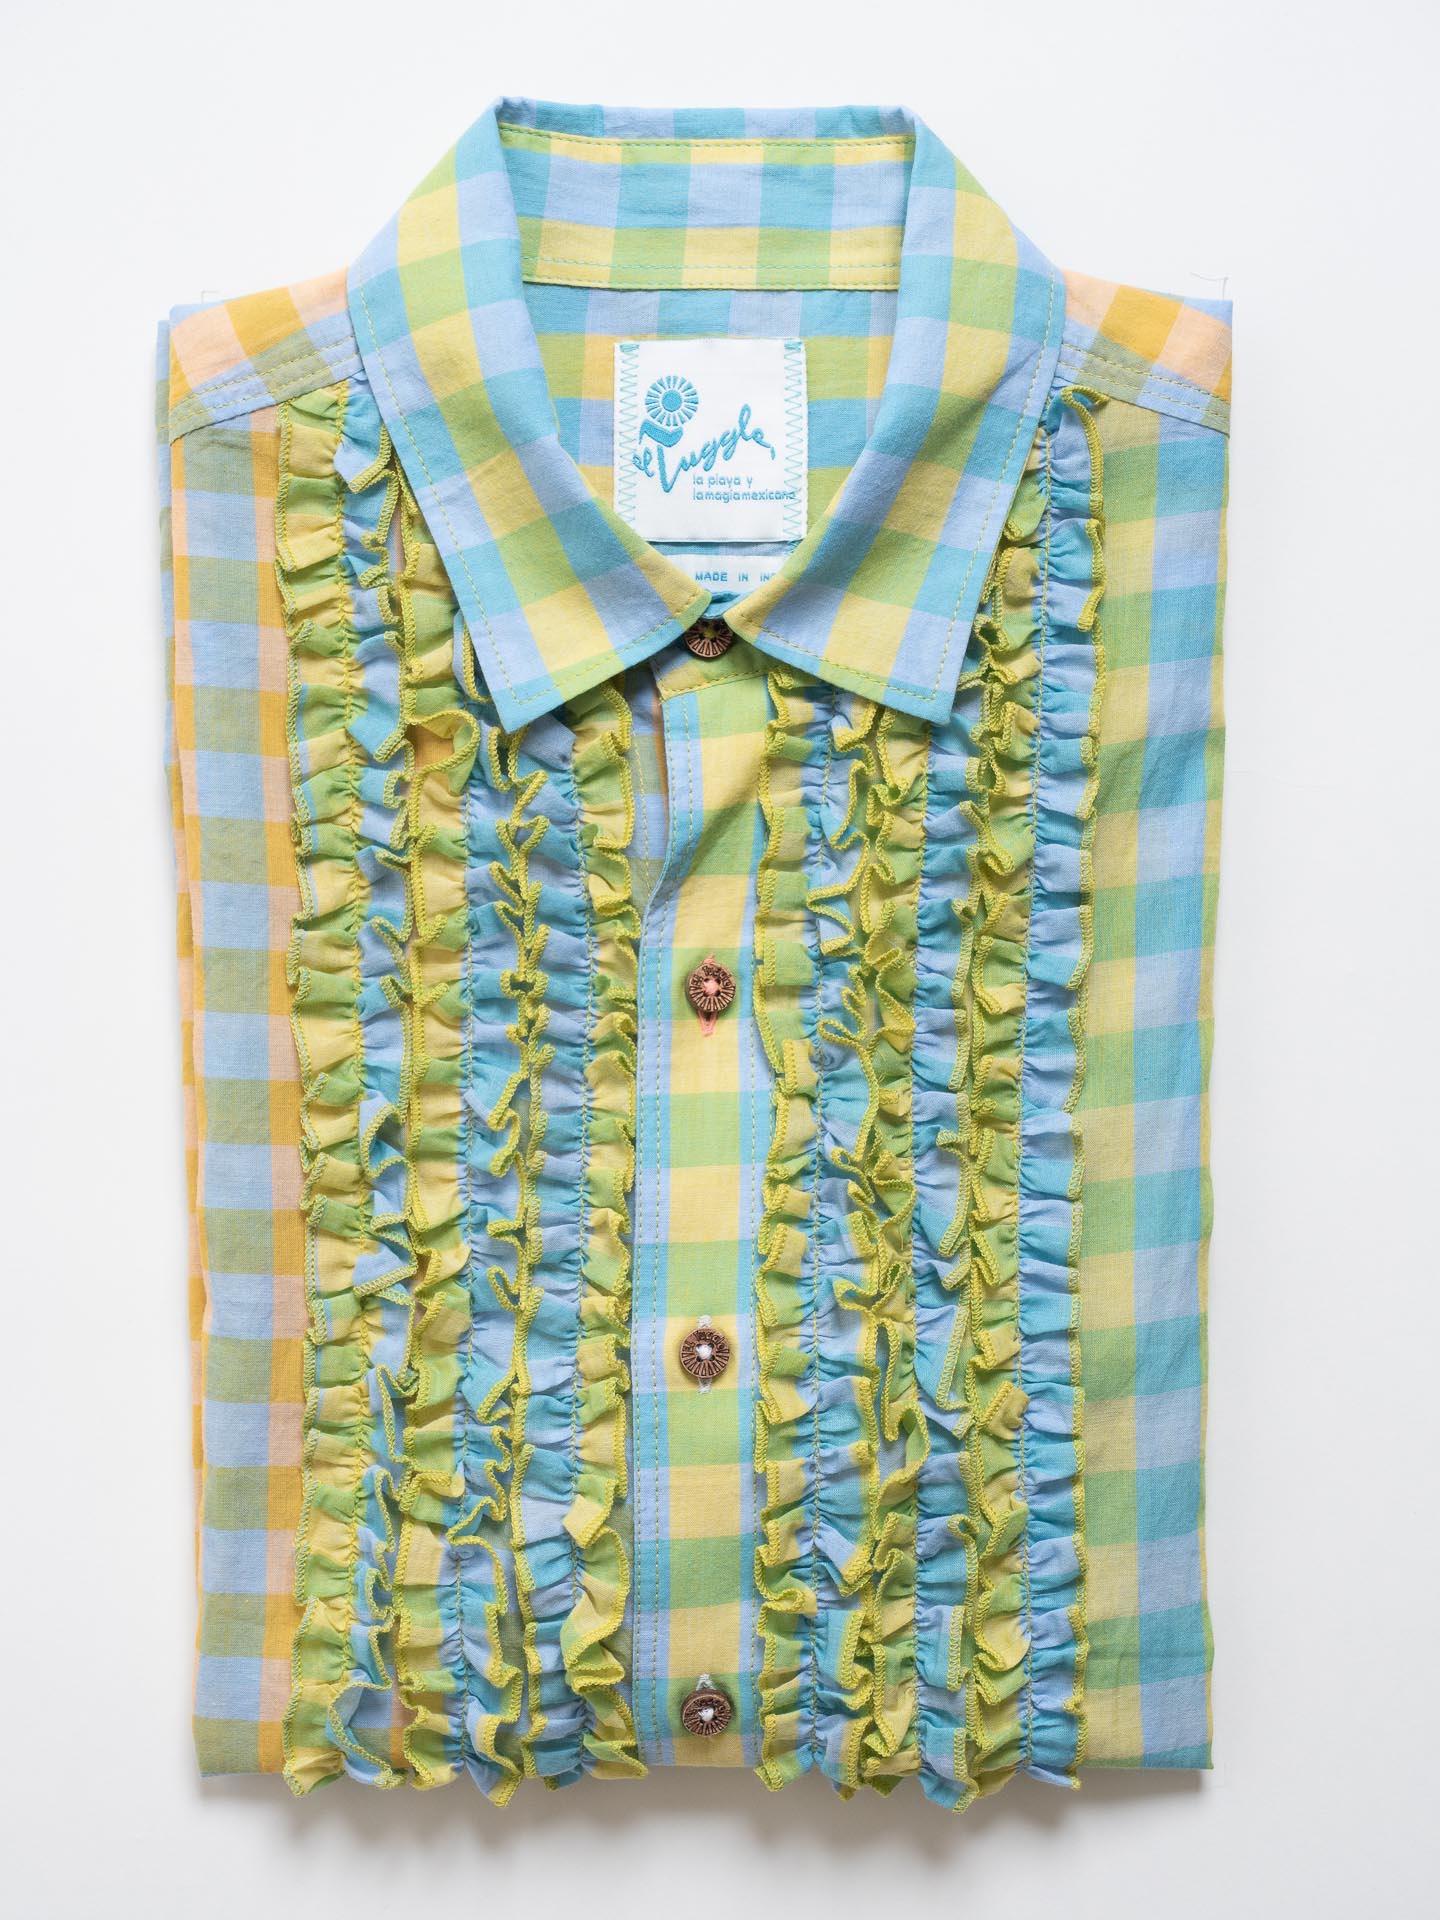 ElTuggle Hanky Wedding Shirt